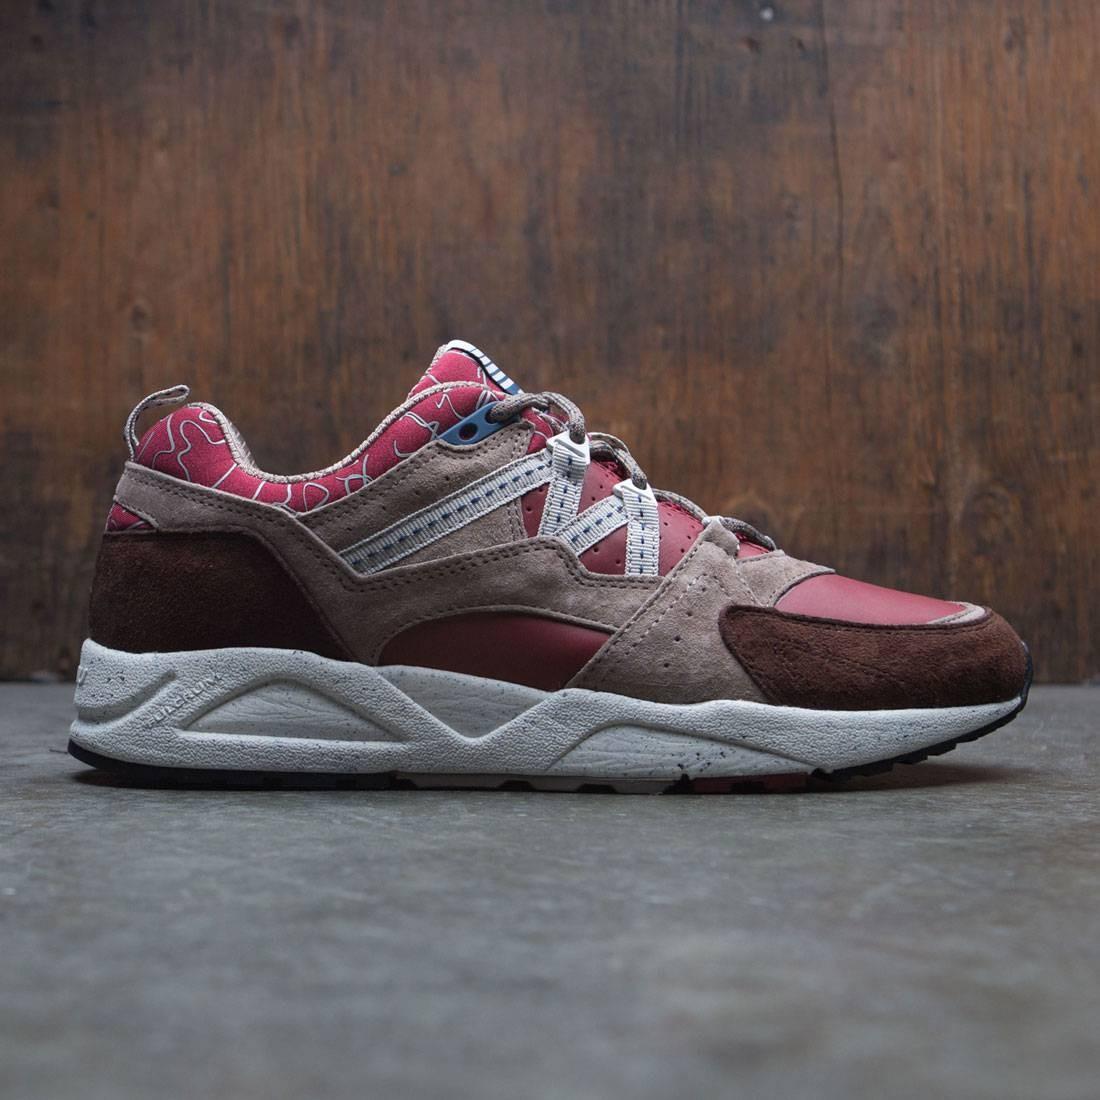 【海外限定】フュージョン 2.0 メンズ靴 靴 【 FUSION KARHU MEN MOUNT SAANA BROWN RED 】